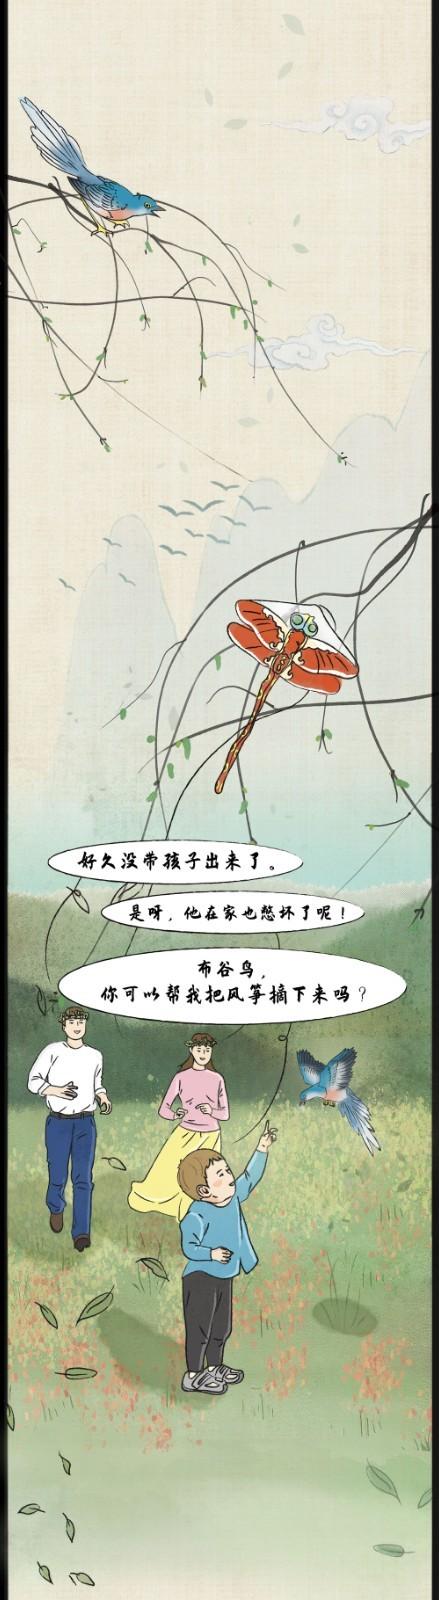 【清明】——春天很好,只是很想你